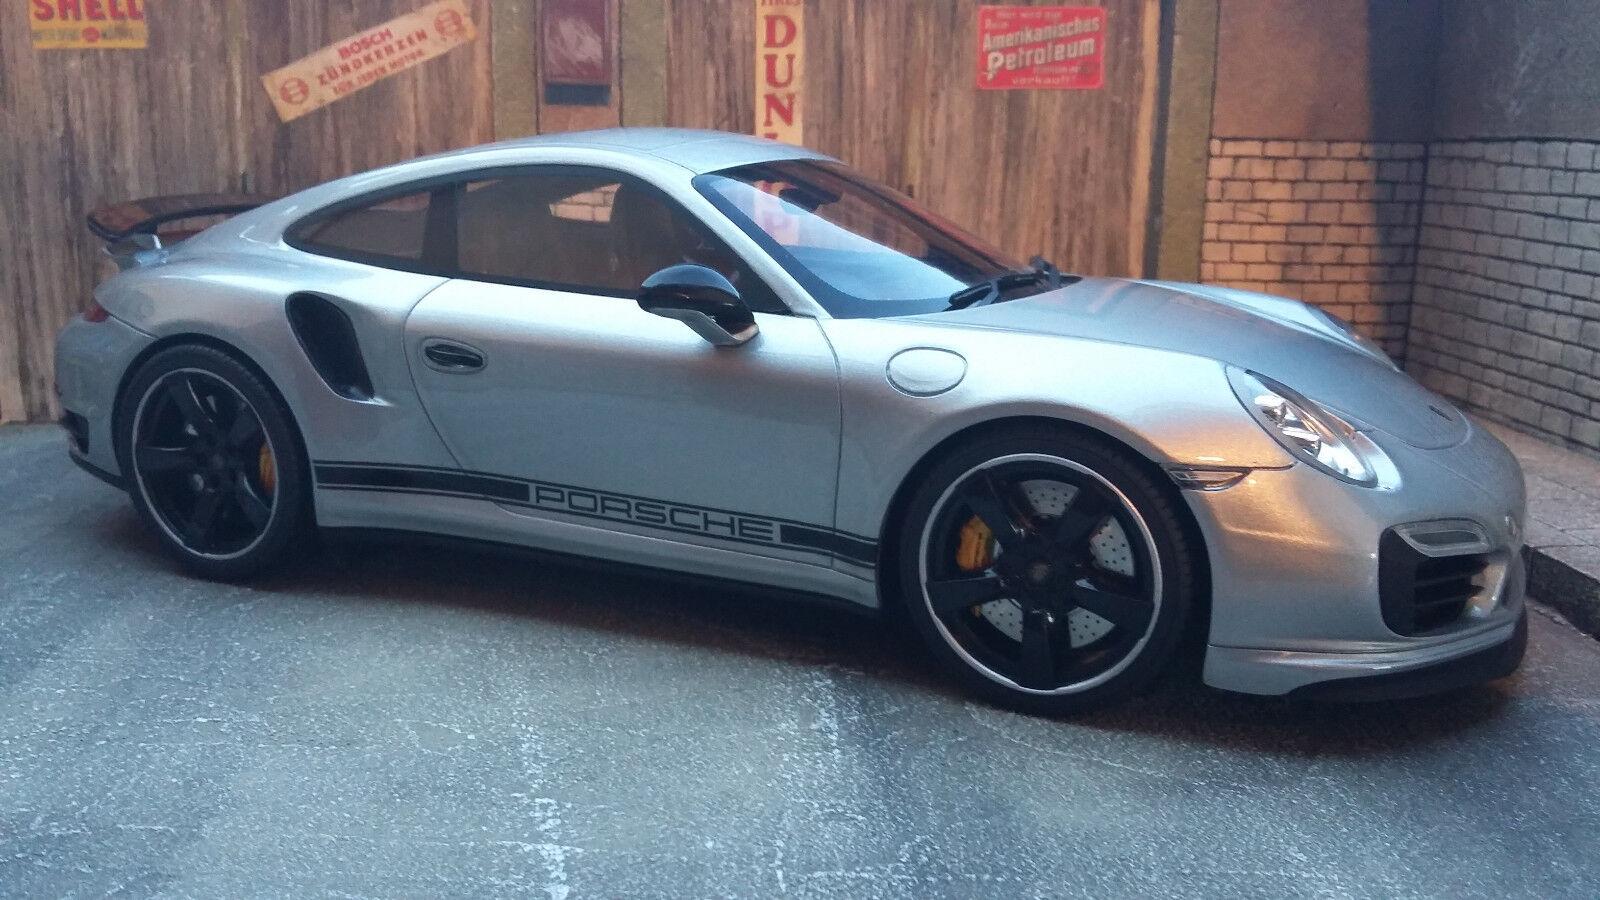 Porsche 911 (991) Turbo S Exclusive Go RHD  1 18 GT-SPIRIT Neuf dans sa boîte  dessins exclusifs